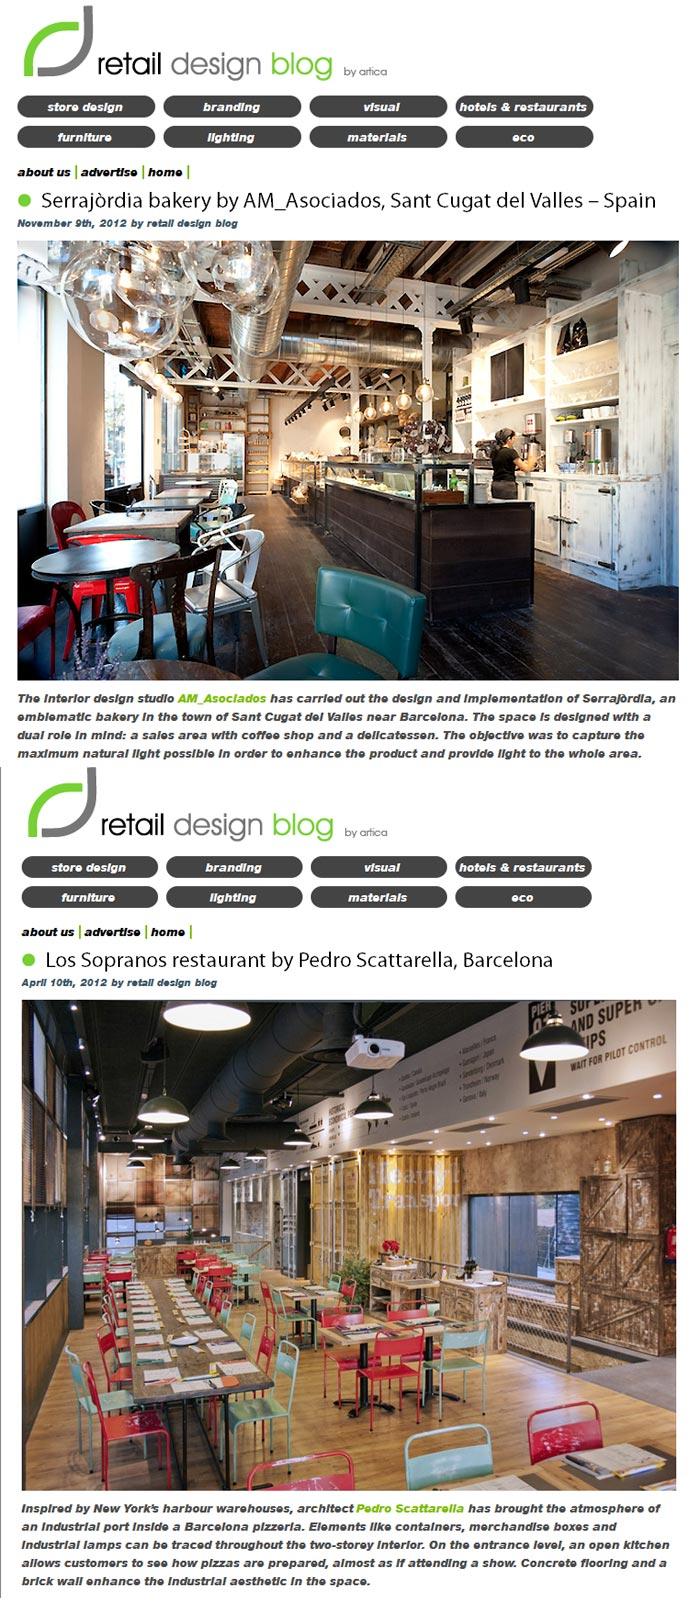 imágenes de retail design blog